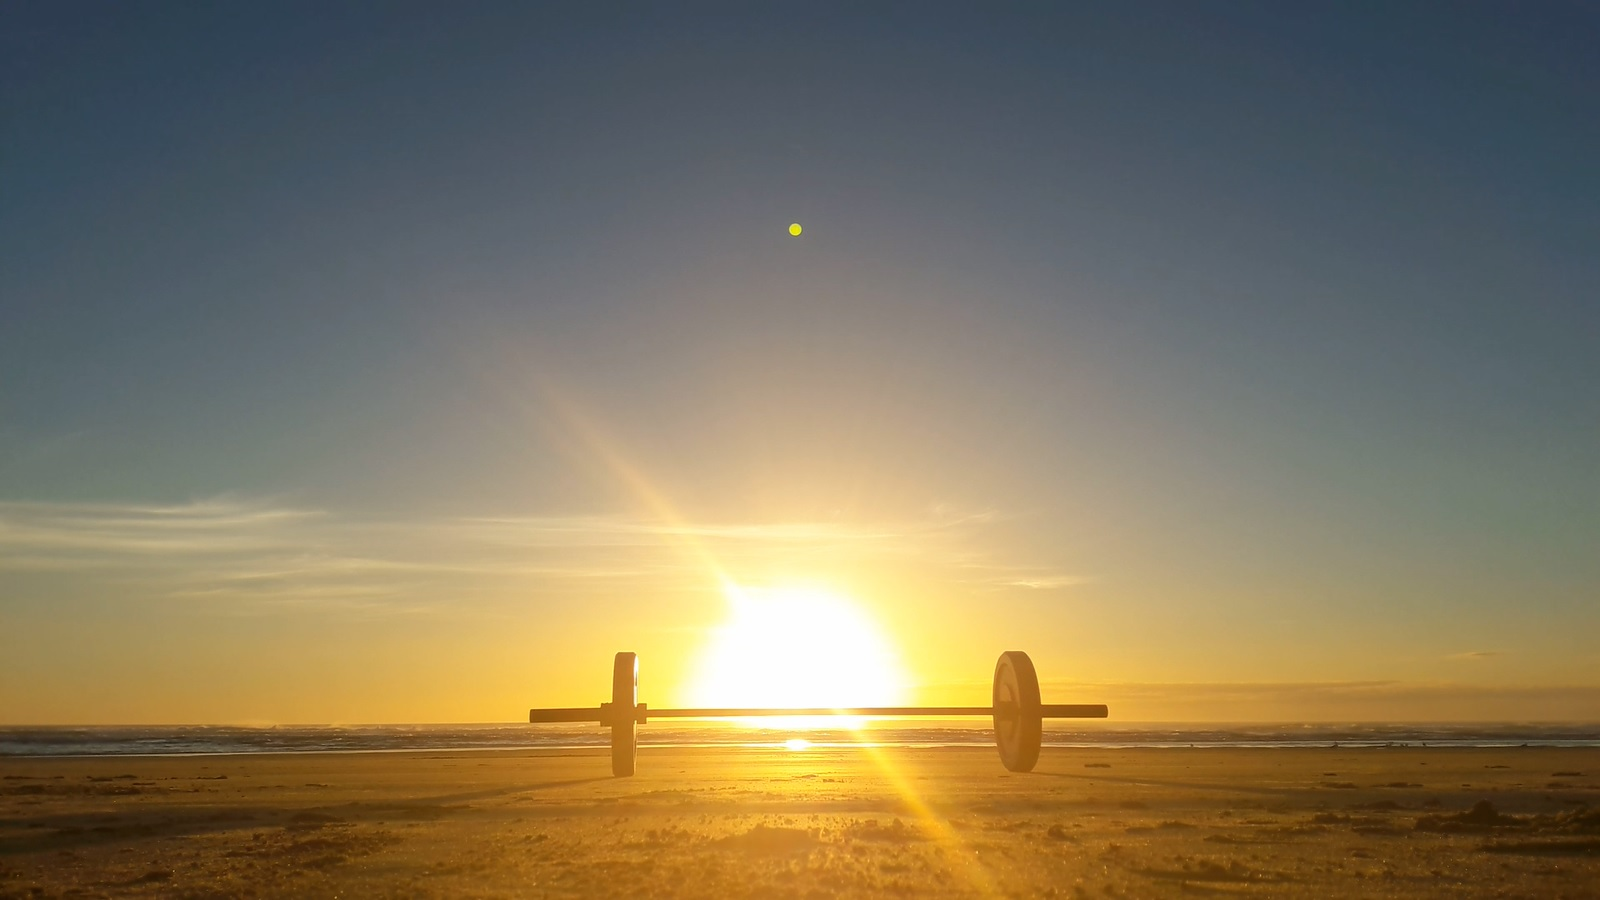 Romantisches Bild einer Hantel im Sonnenuntergang